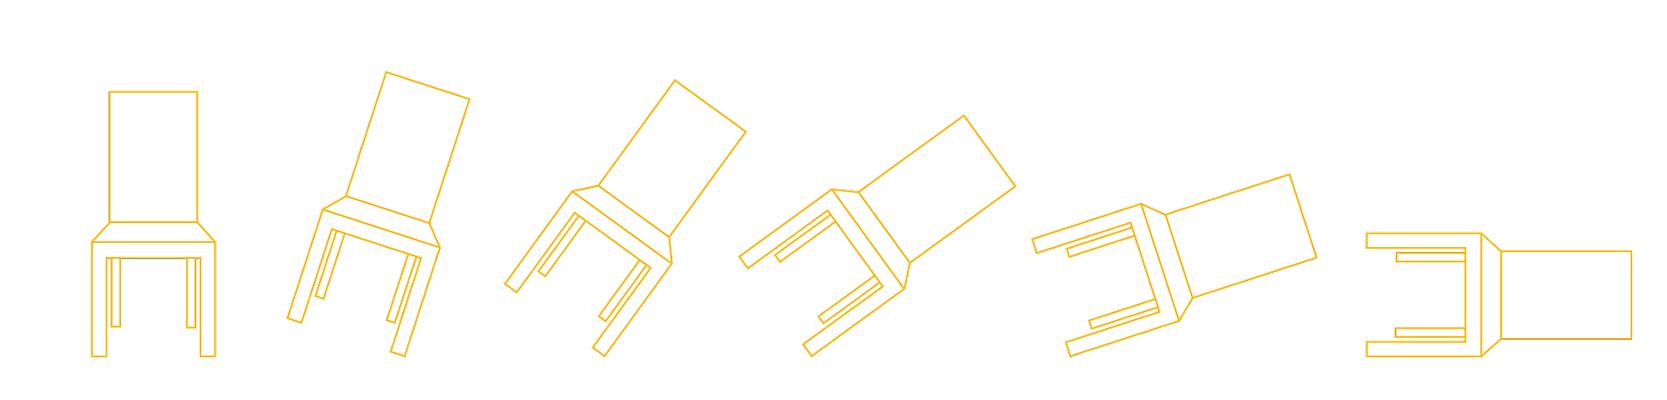 """Fallende Stühle als illustratives Element der Ausstellung und des Kataloges """"Abgesägt""""."""